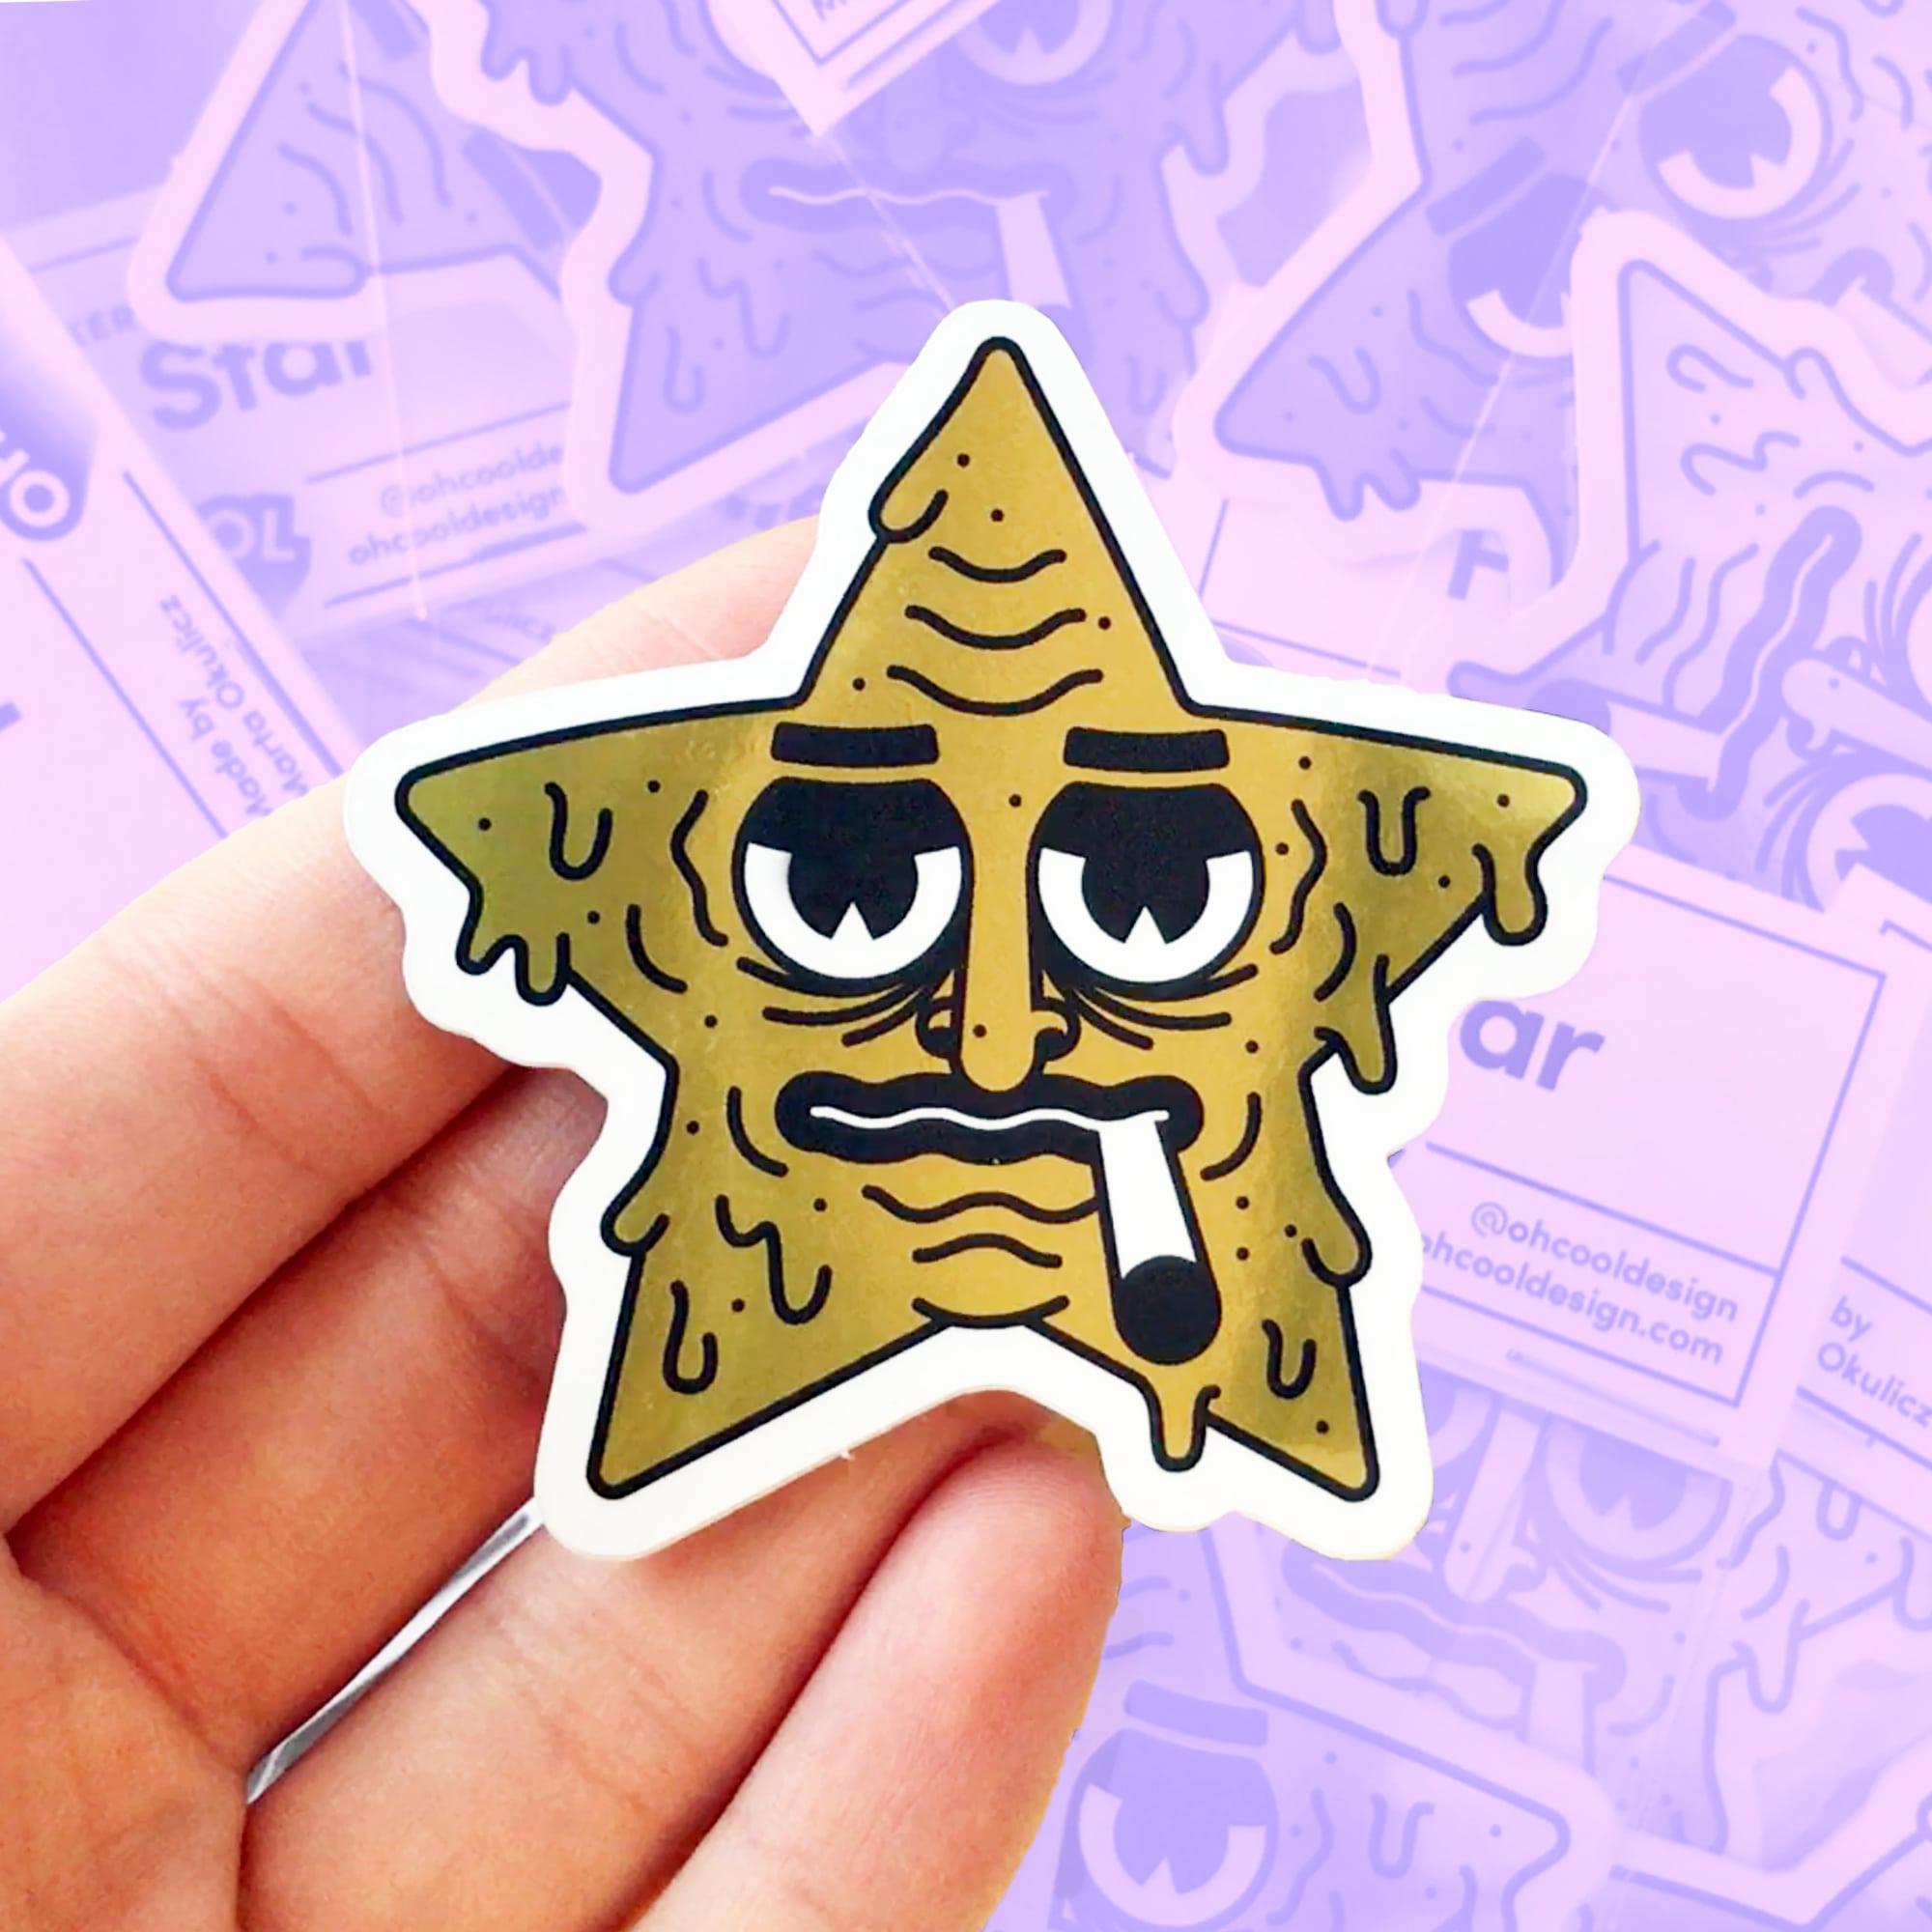 star-sticker-pic-01-01-min